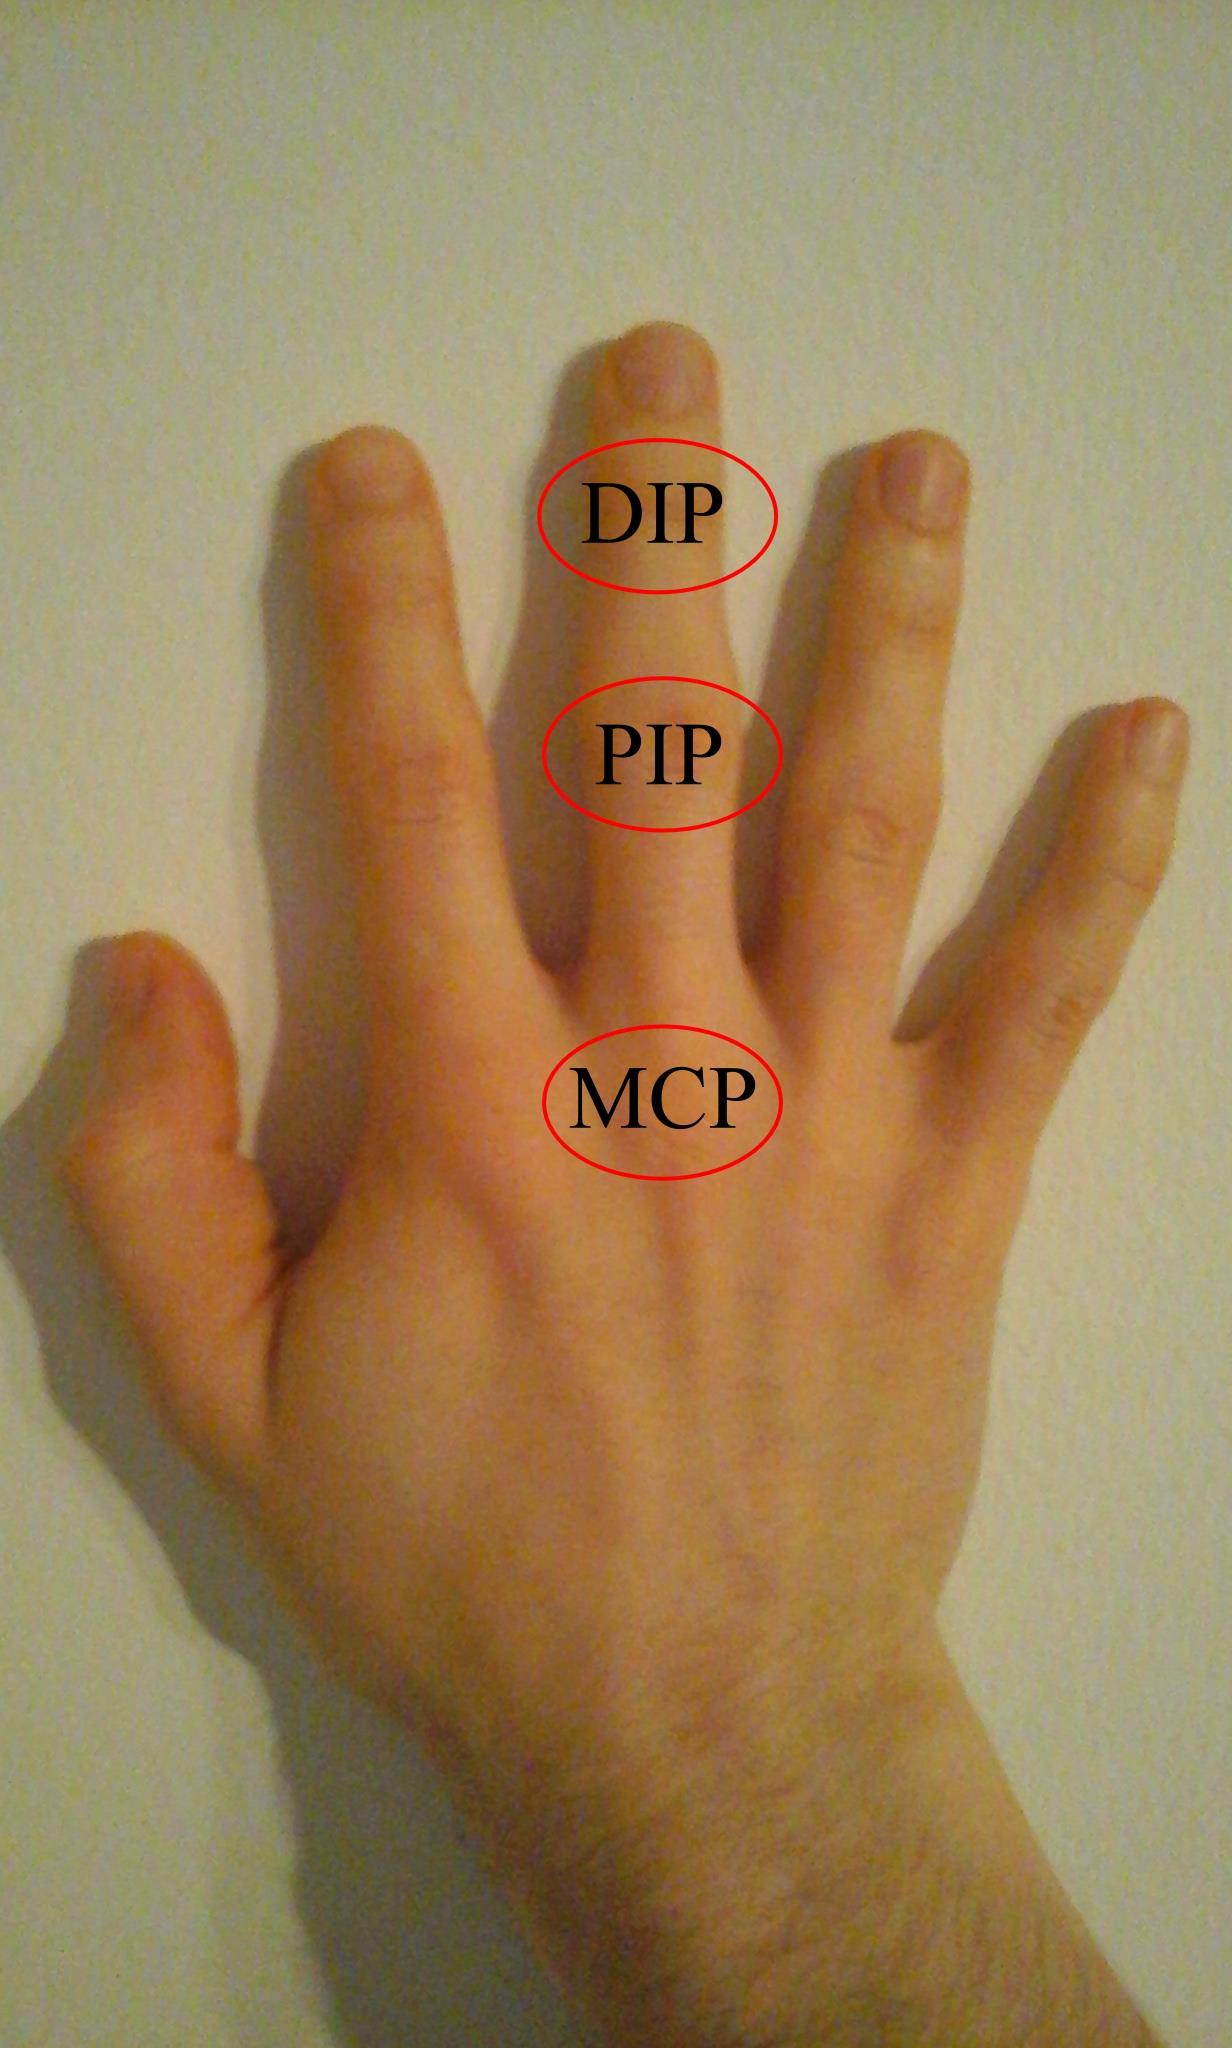 súlyos fájdalom a középső ujj ízületében